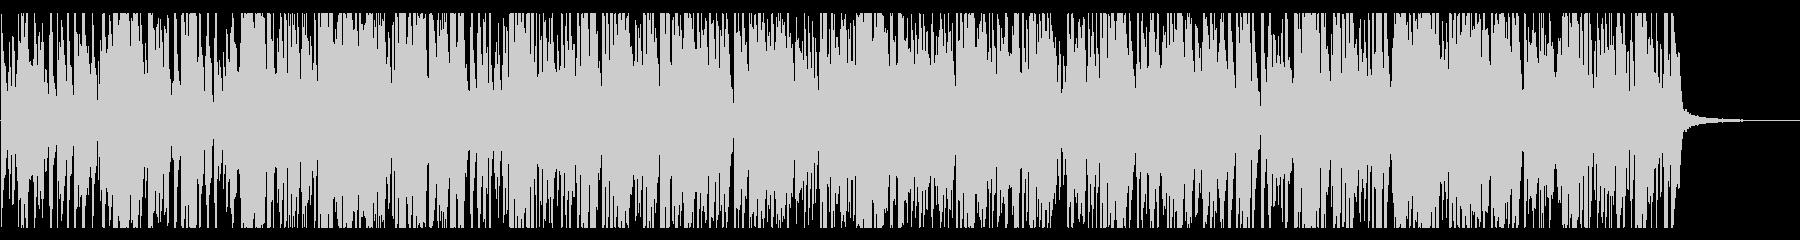 オシャレで疾走感のあるピアノジャズの未再生の波形